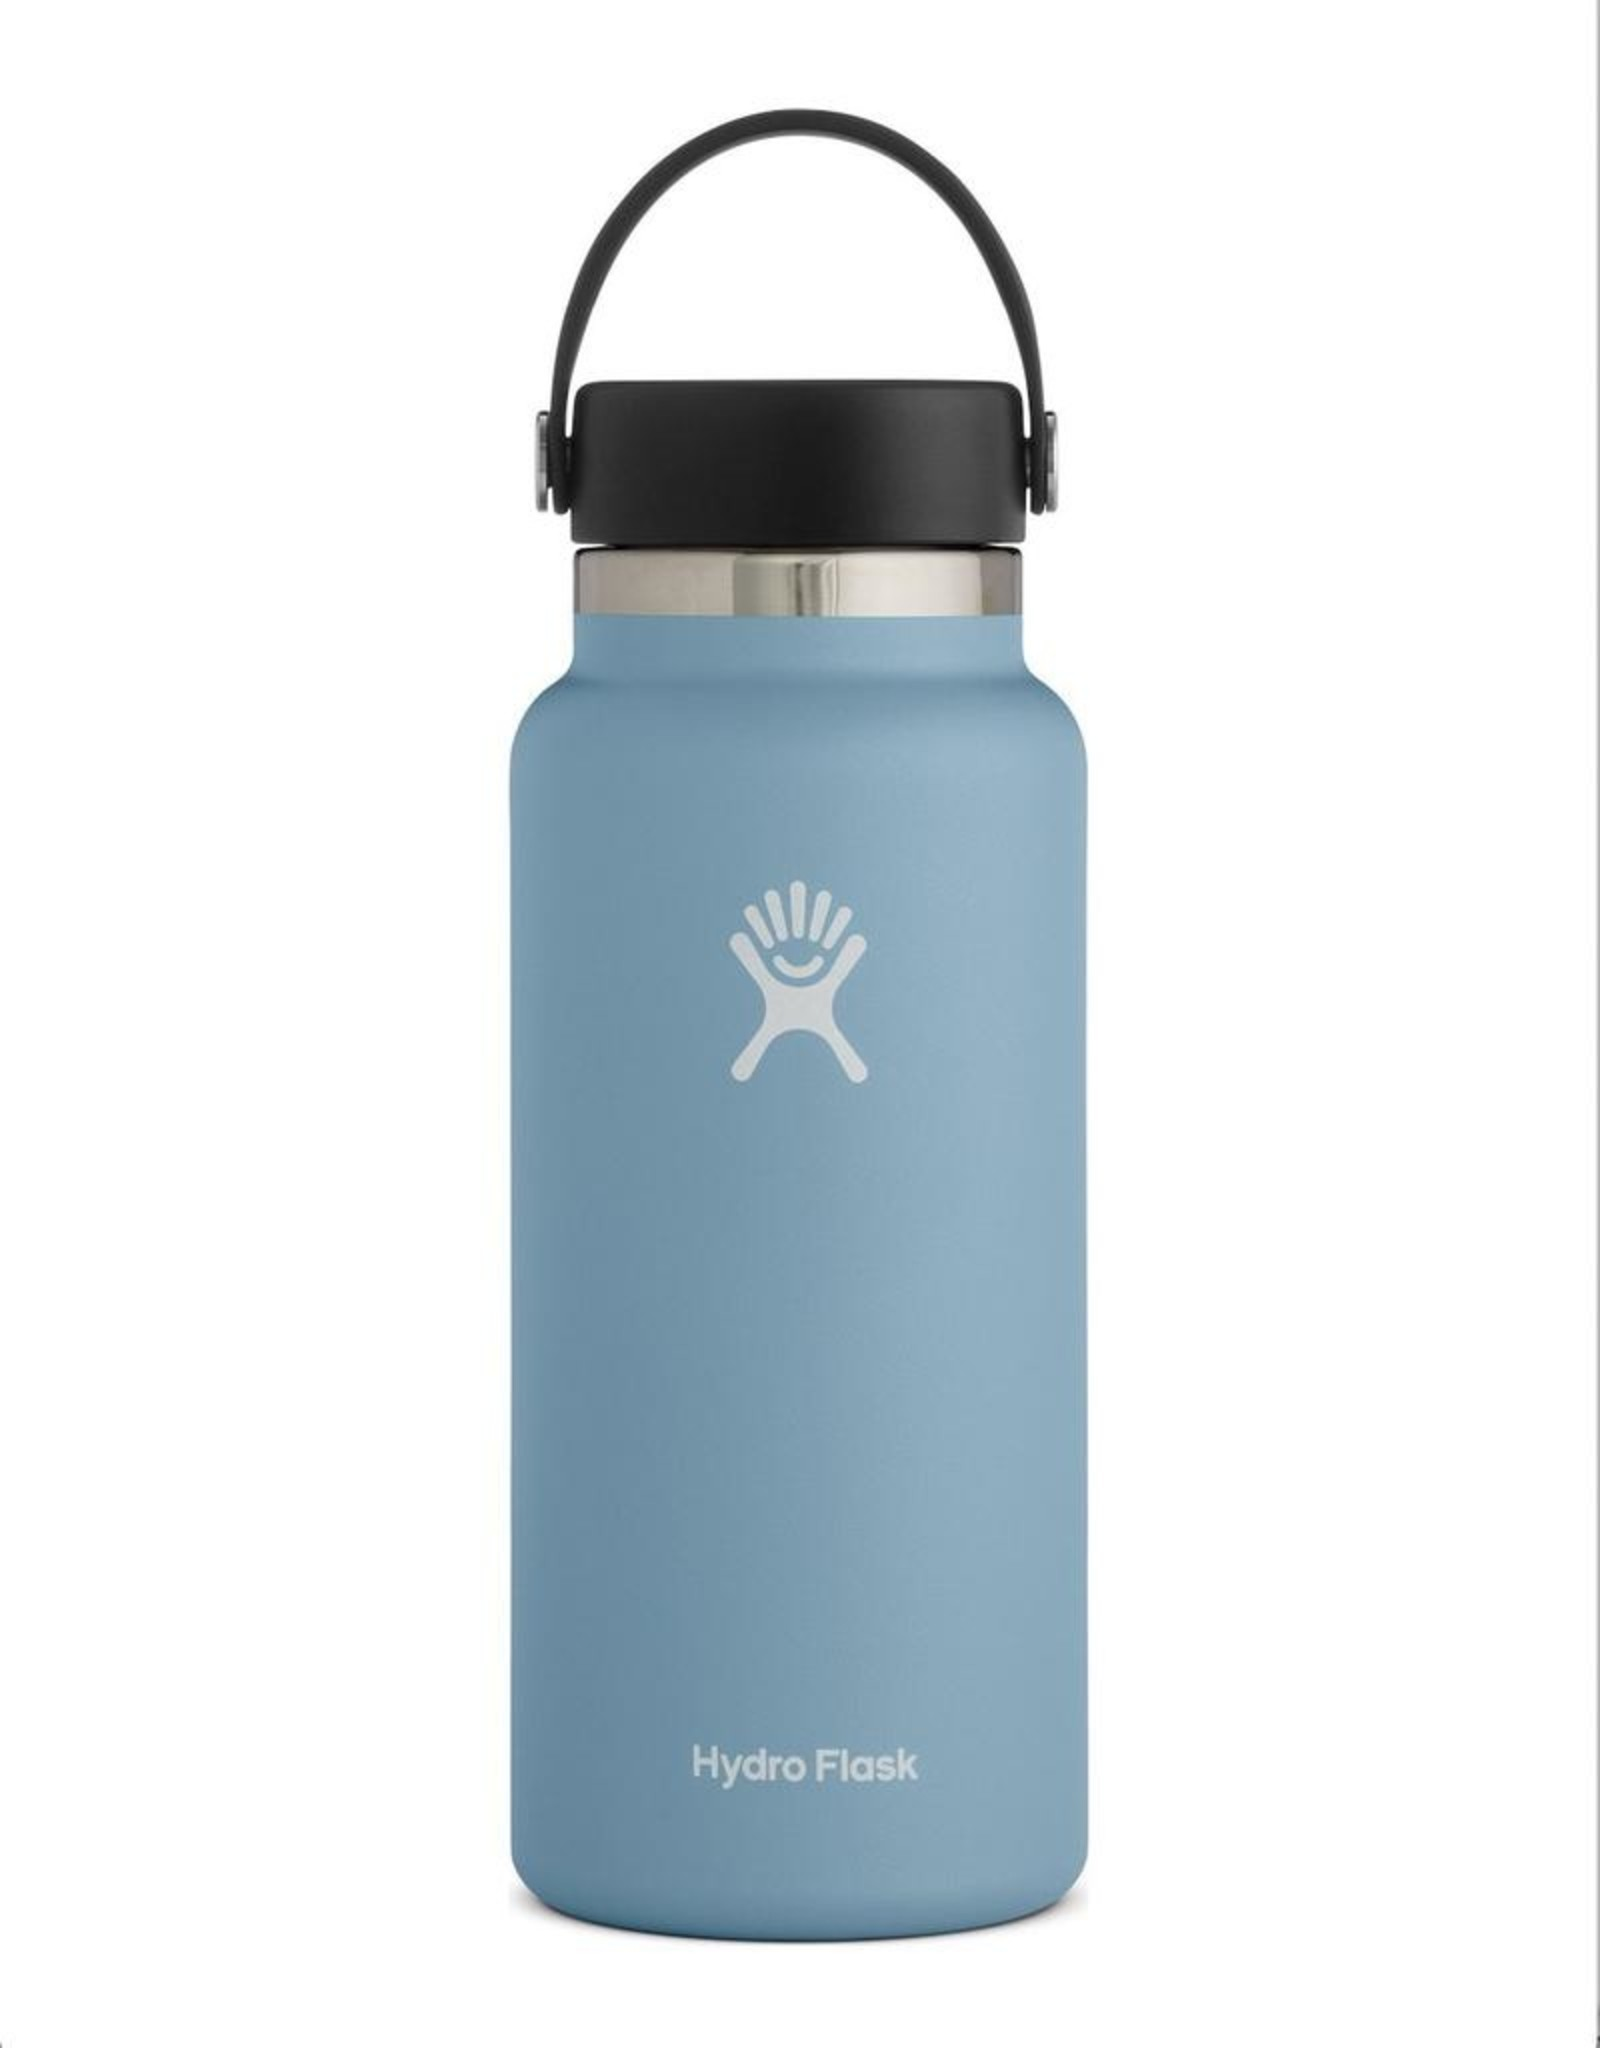 Hydro Flask 32 oz Wide Mouth Flex Cap Bottle in Rain